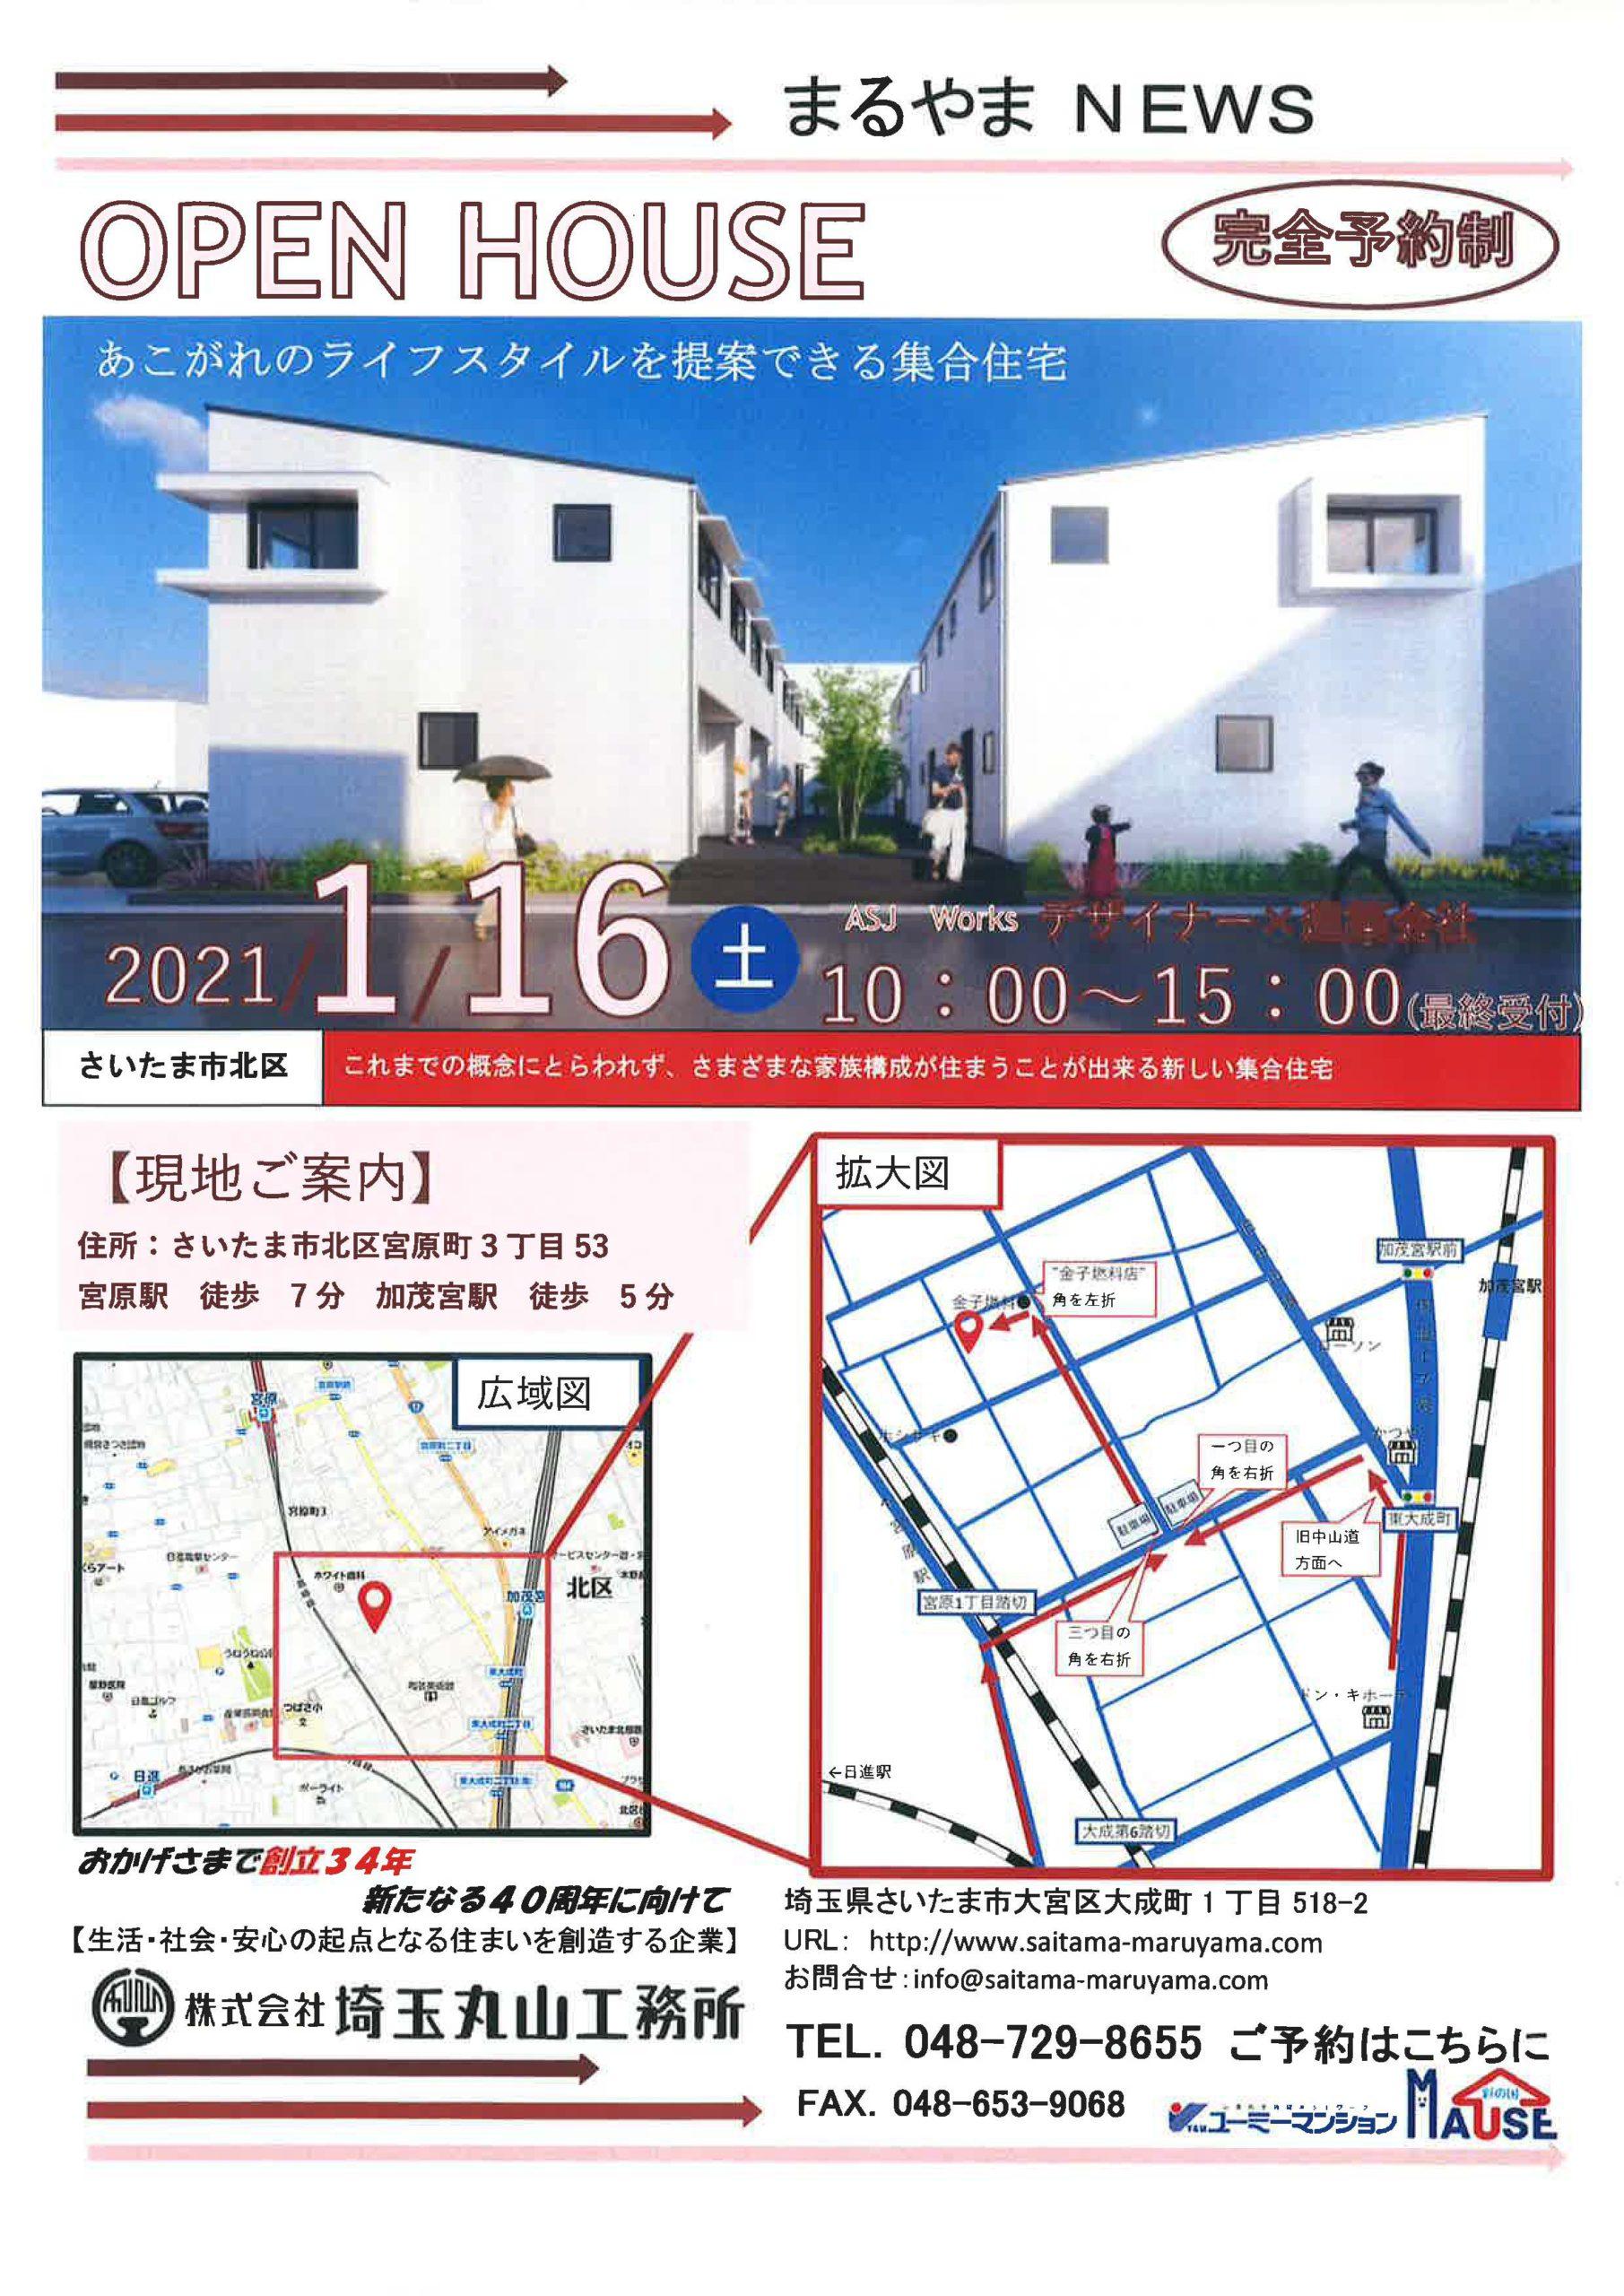 【完全予約制】北区宮原町・デザイナーズ住宅完成内覧会のお知らせ【2021年1月16日(土)】